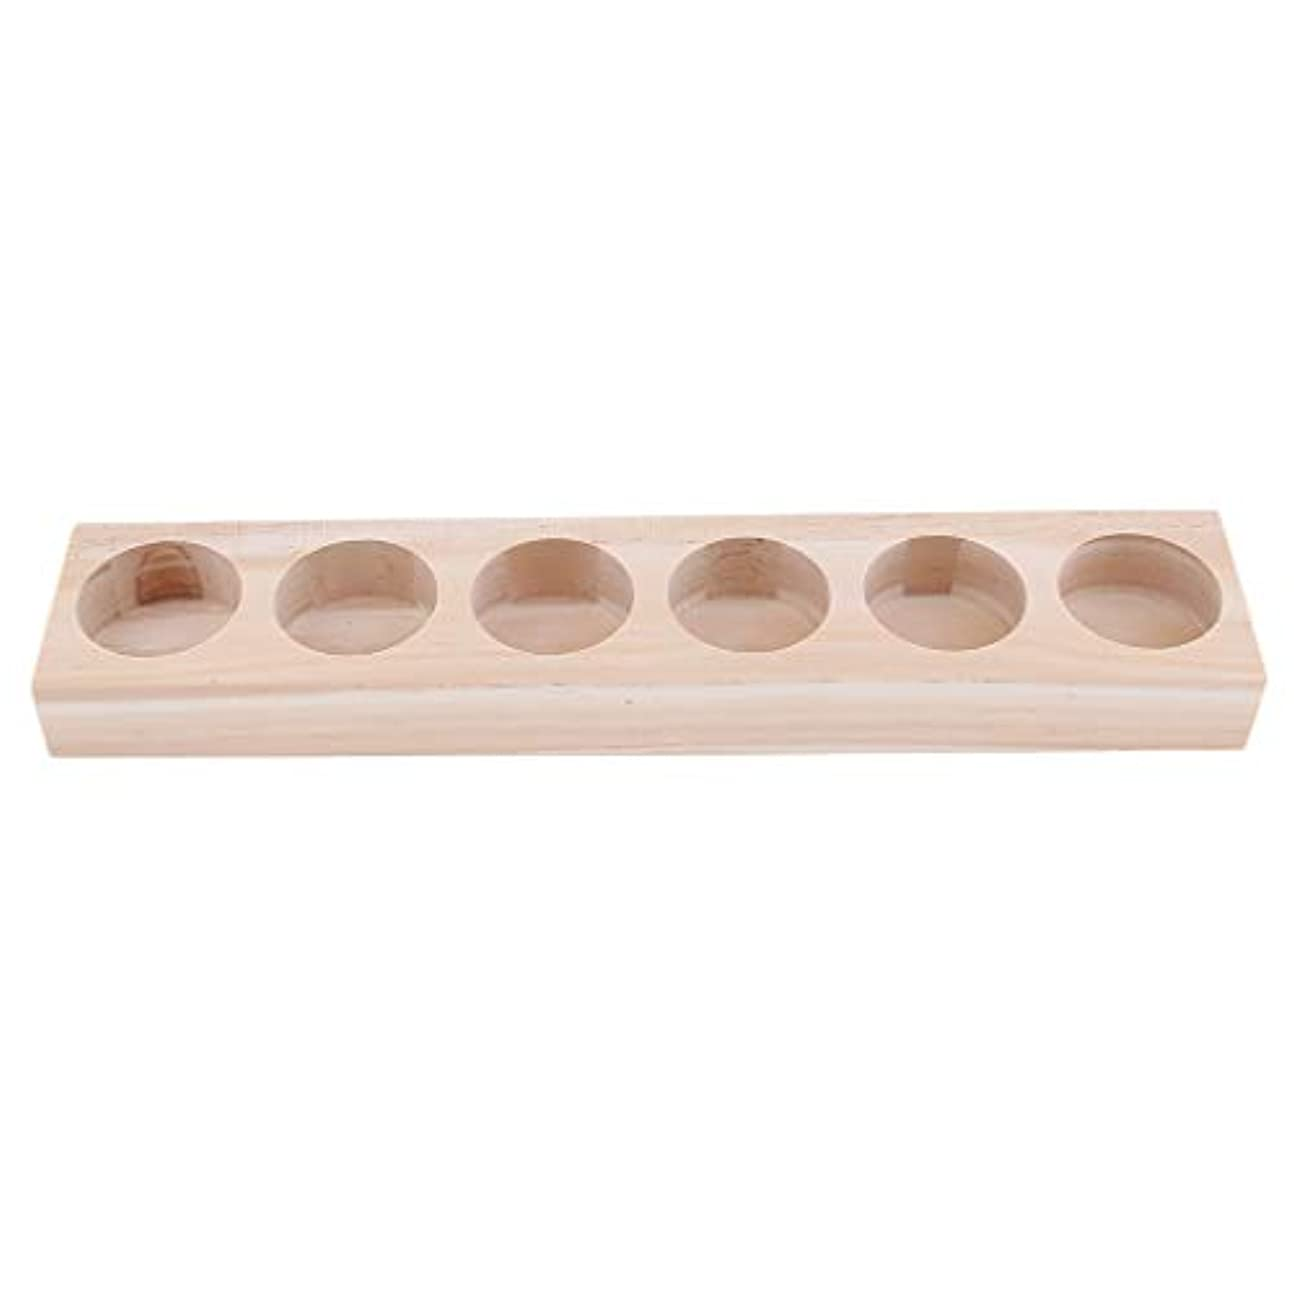 いつかコックステーキD DOLITY 6本用 サロン 美容室 エッセンシャルオイルホルダー 木製 展示 ラック 30ミリボトル対応